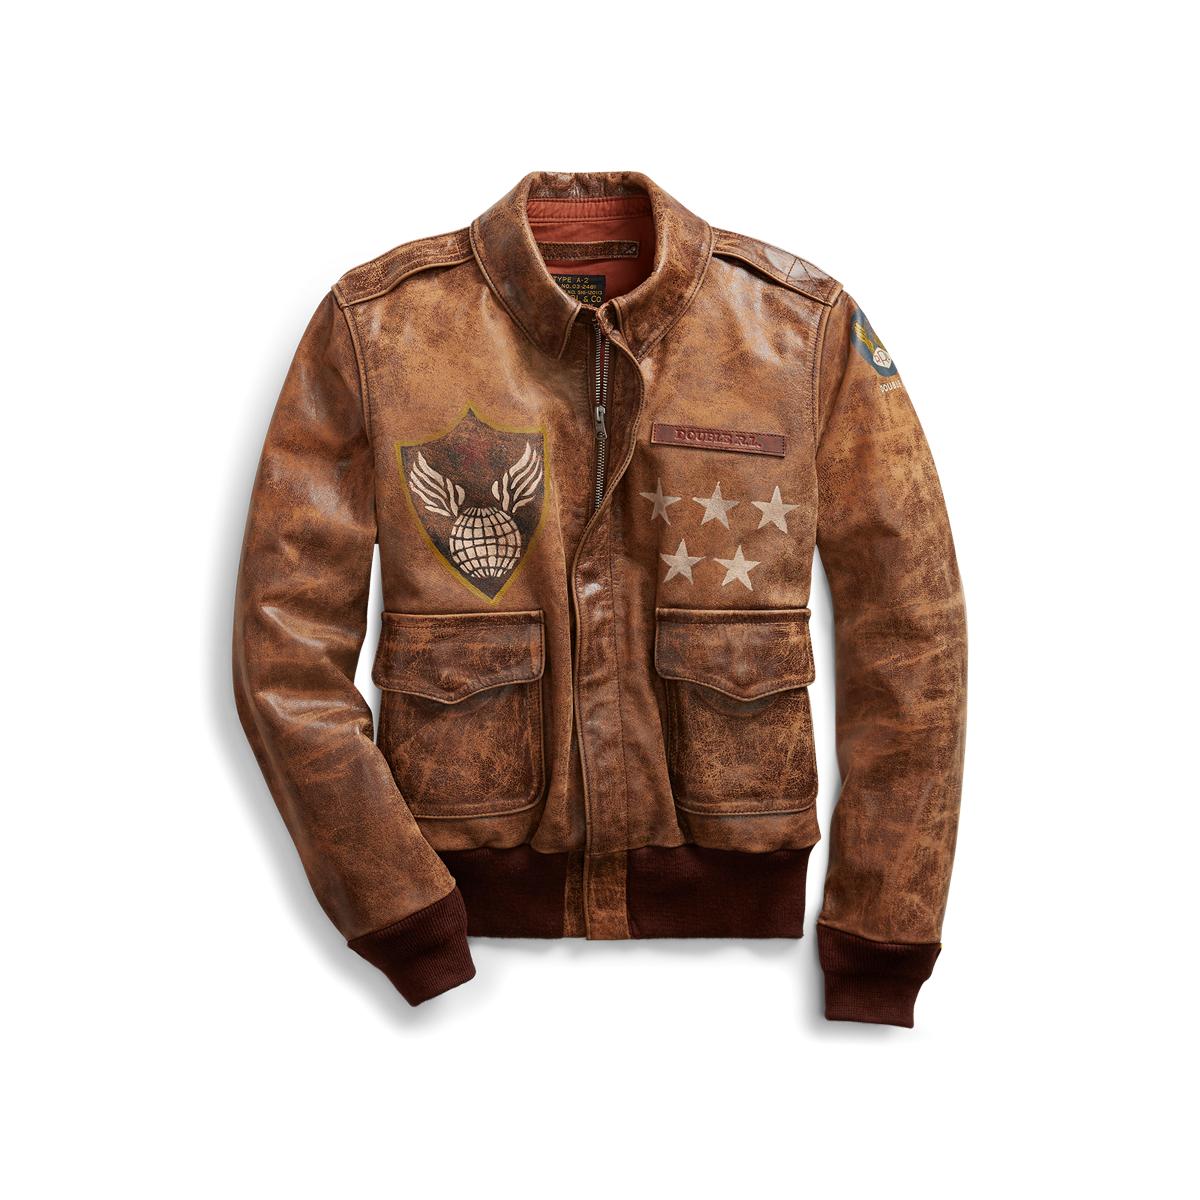 Online-Verkauf ungeschlagen x erster Blick A-2 Leather Jacket